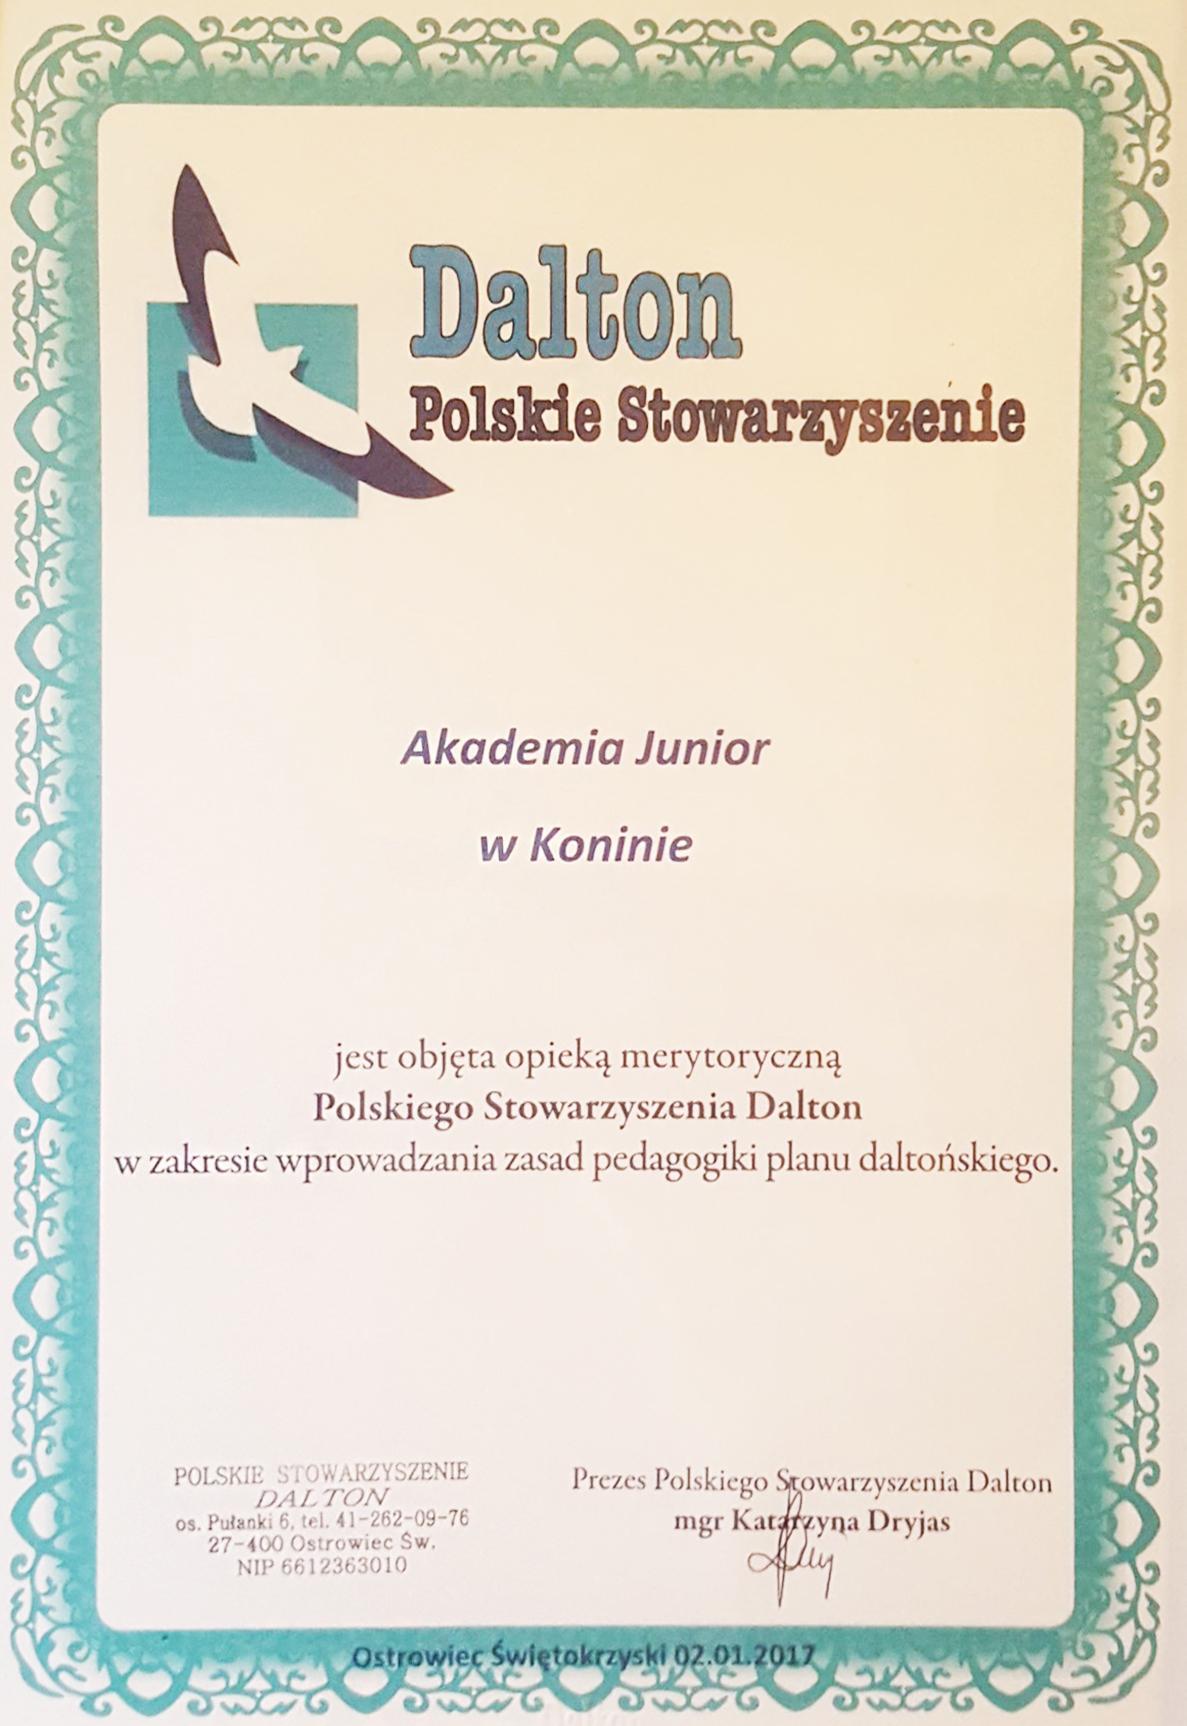 dalton-polskie-stowarzyszenie-akademia-junior-certydikat